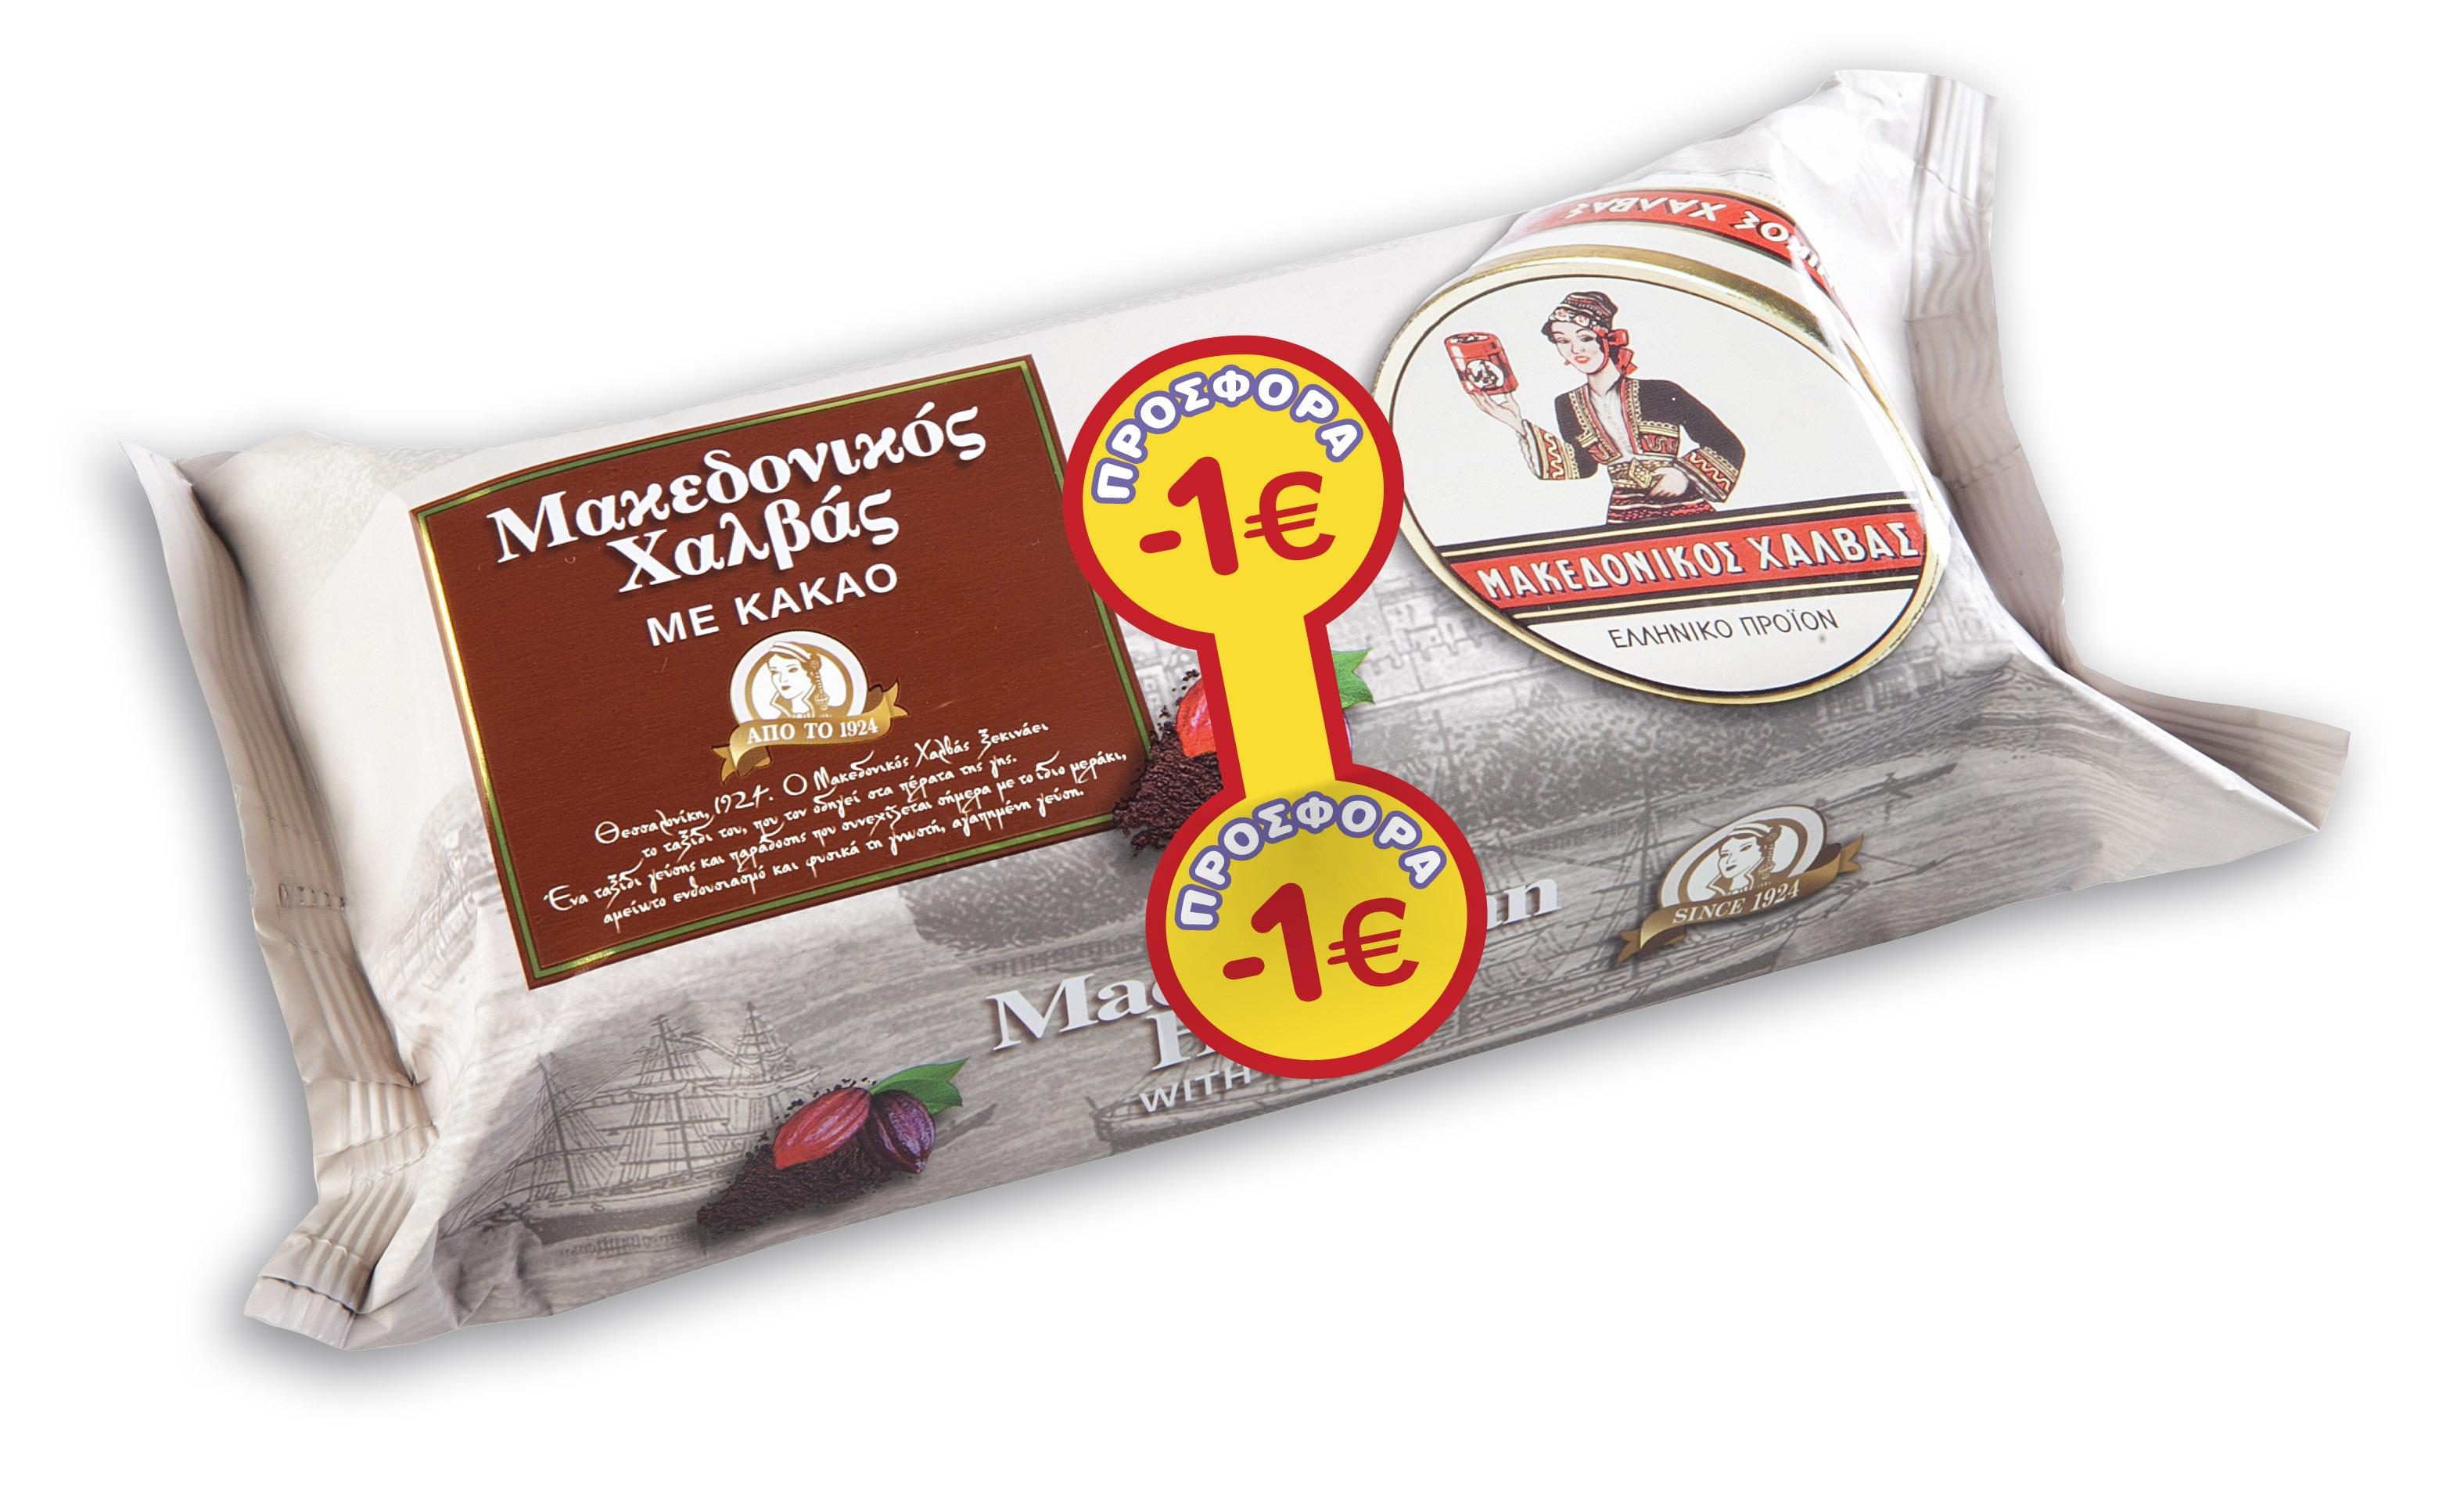 Χαλβάς με Κακάο Μακεδονικός (800 g) -1€